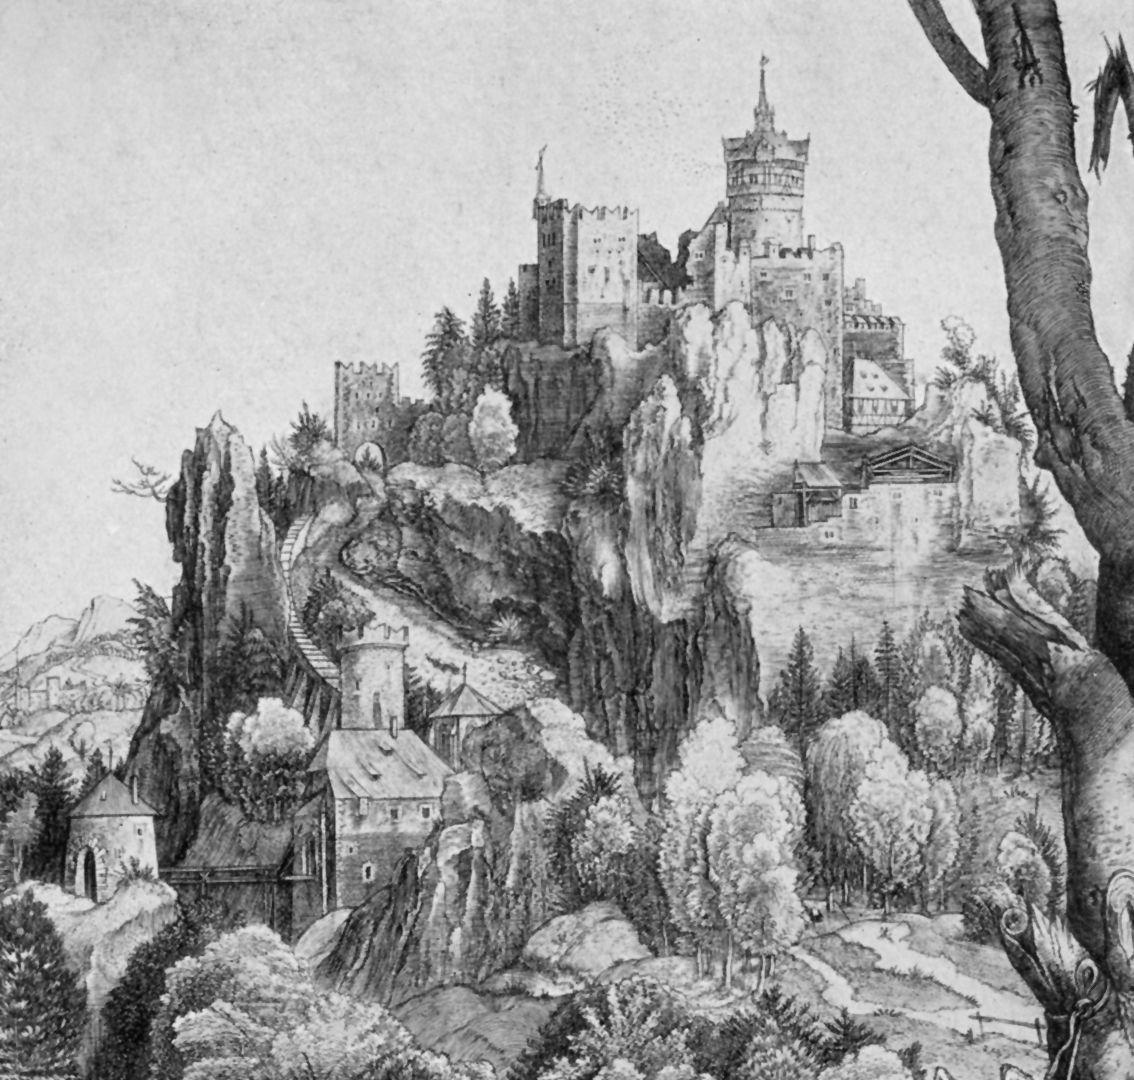 St. Eustachius Detail with castle